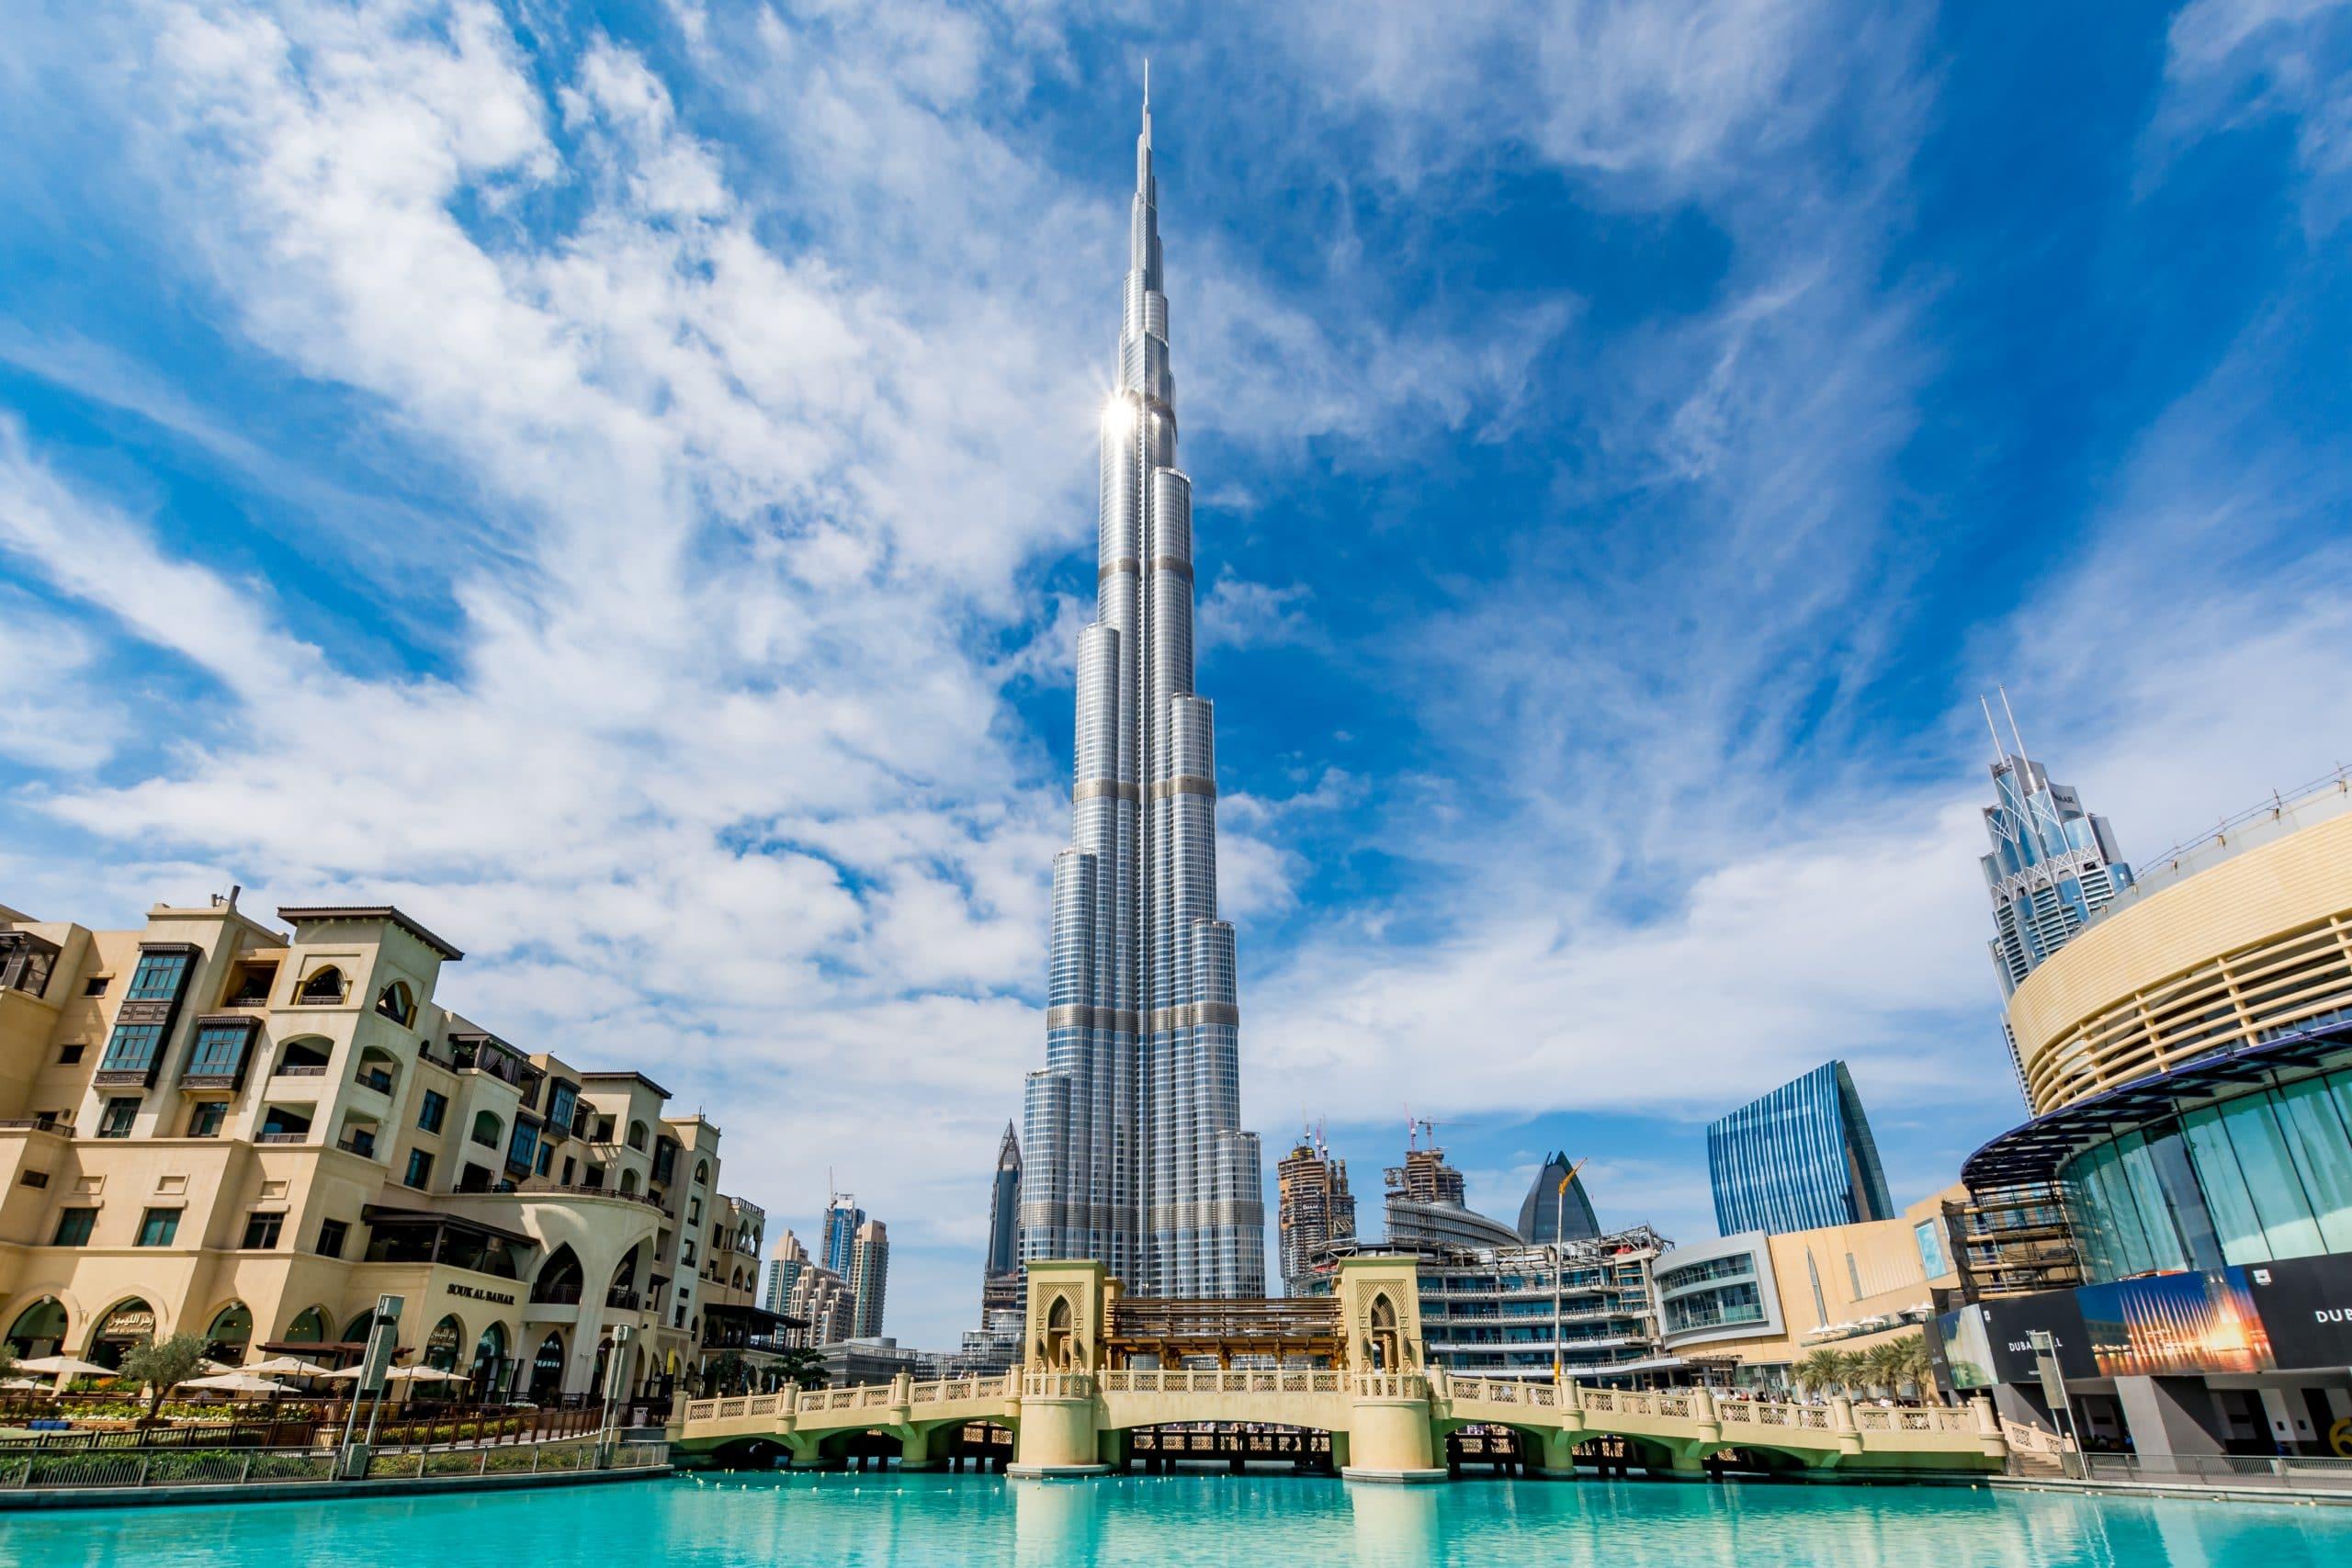 grattacielo più alto al mondo burj khalifa